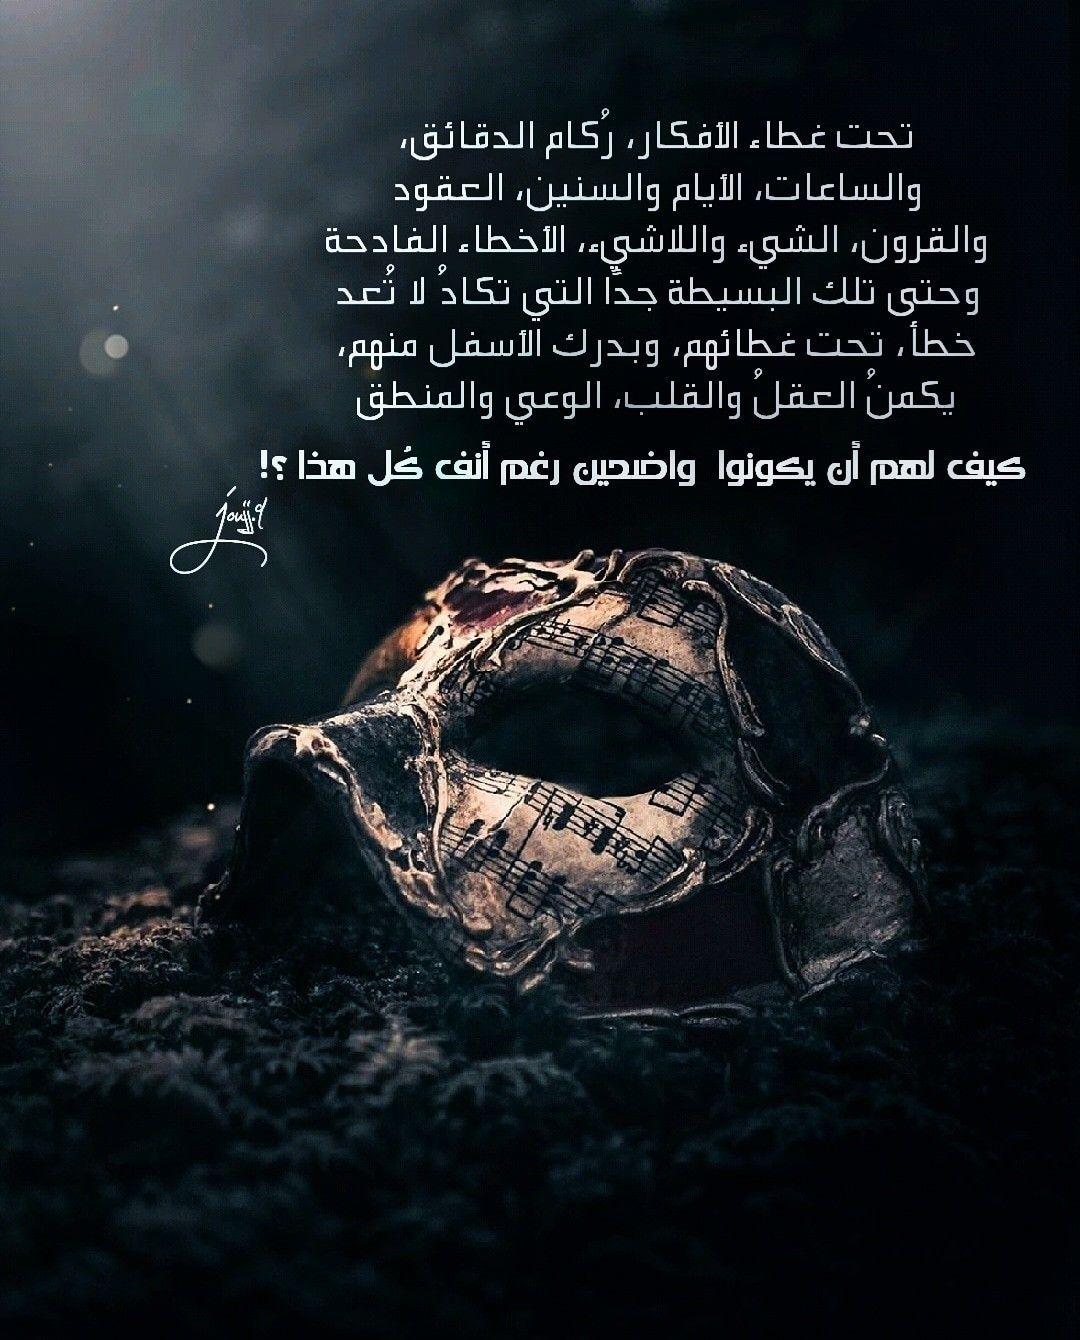 تصميم تصميمي تصميمات كلام كلمات عربي بالعربي أدب حب غياب انتظار غرام عشق حنين أحبك شتاء قهوة فيروز فيروزيات قصيدة قهوتي أحلام هدوء Movie Posters Poster Movies